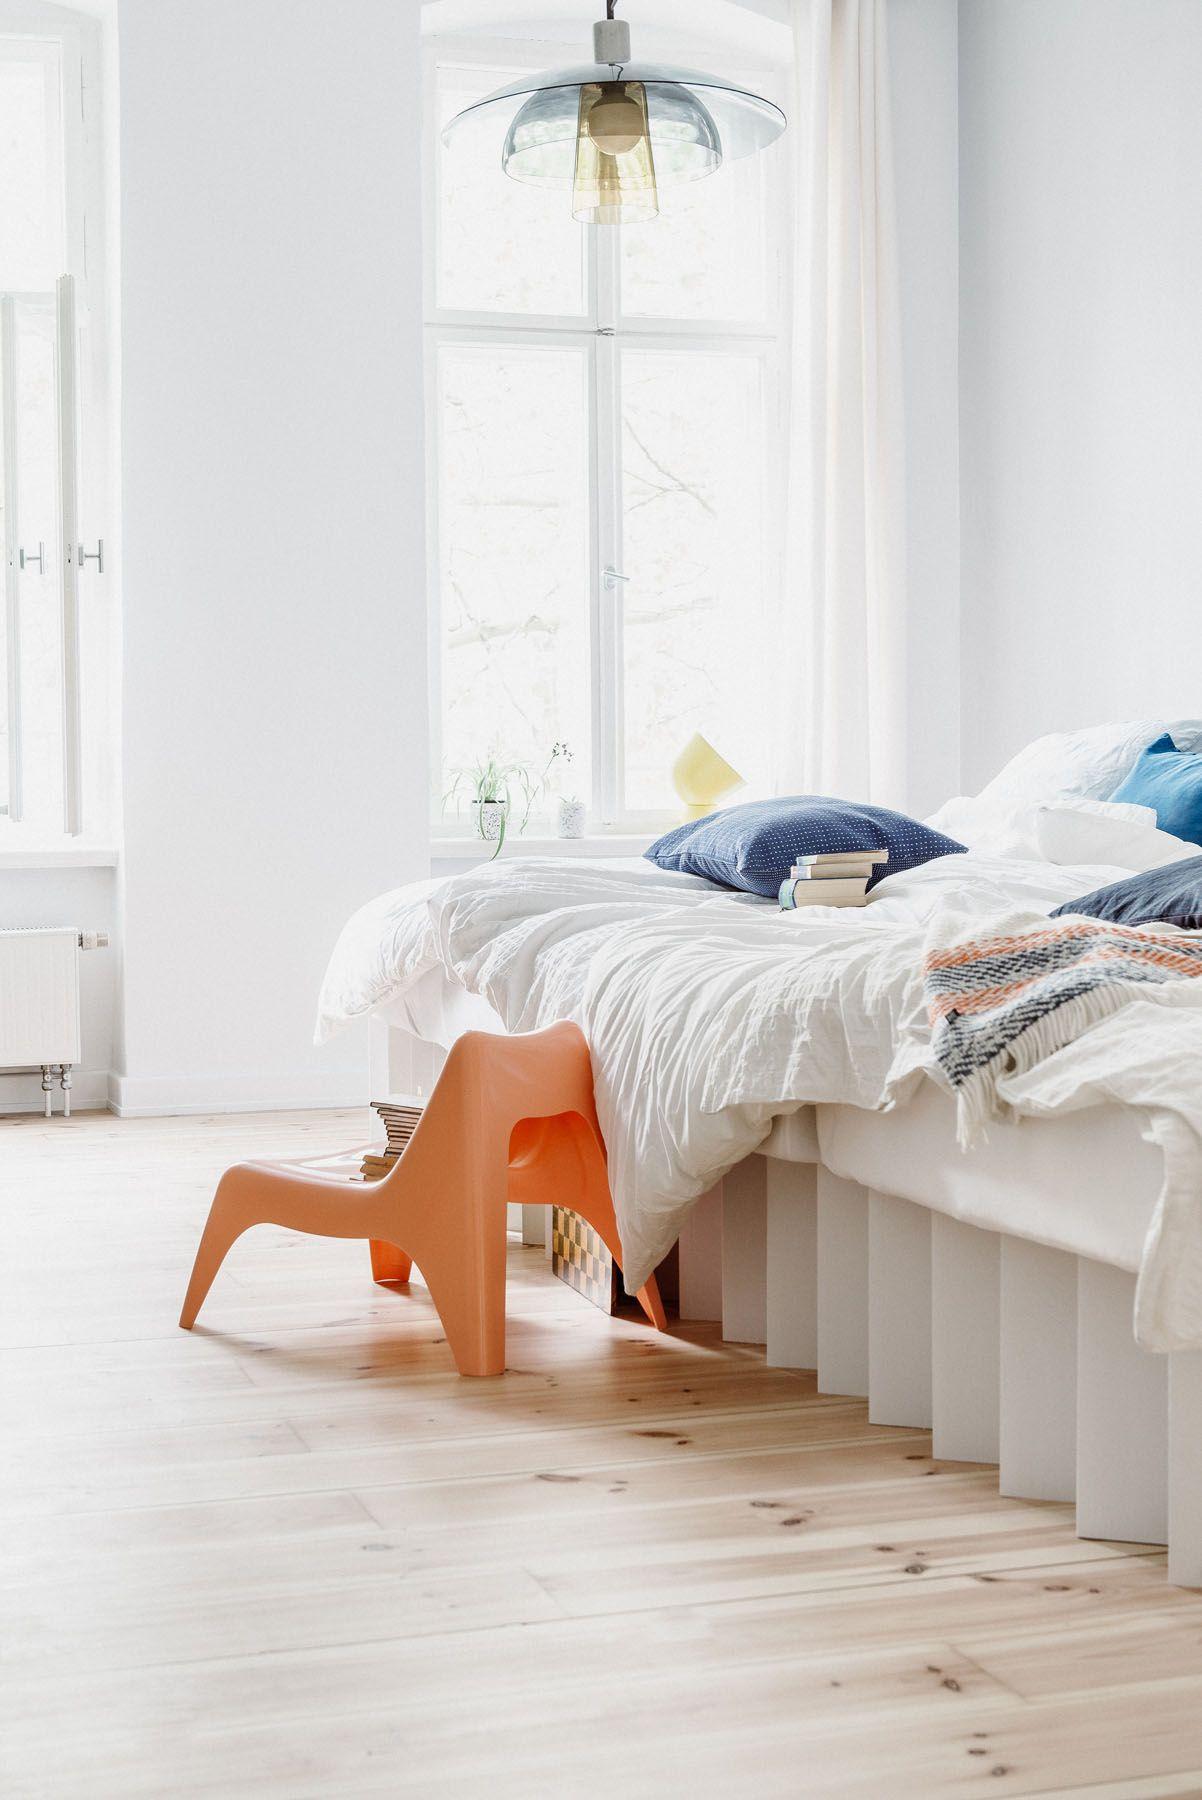 Full Size of Pappbett Ikea Das Bett Aus Recycelter Wellpappe Ist Stabil Küche Kosten Betten Bei Kaufen Sofa Mit Schlaffunktion 160x200 Miniküche Modulküche Wohnzimmer Pappbett Ikea